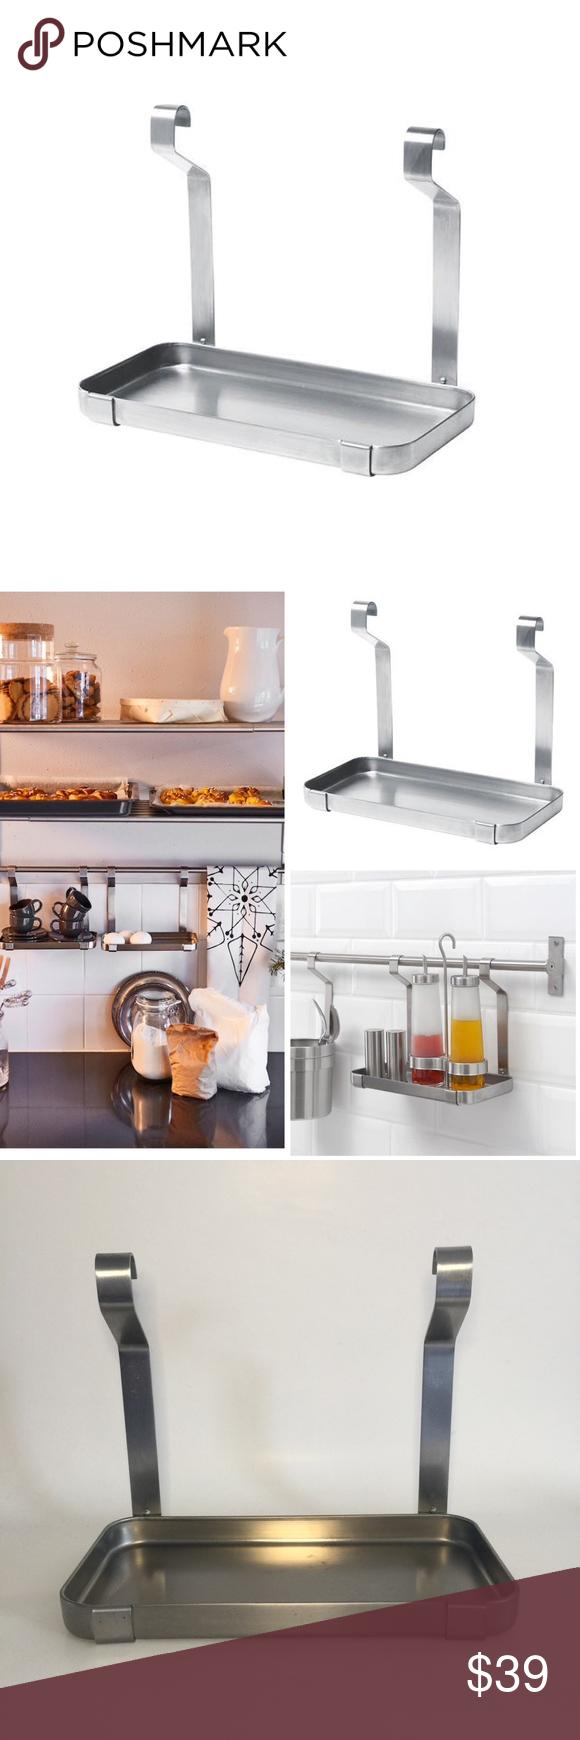 IKEA Grundtal Stainless Steel Spice Rail Shelf in 2020 ...